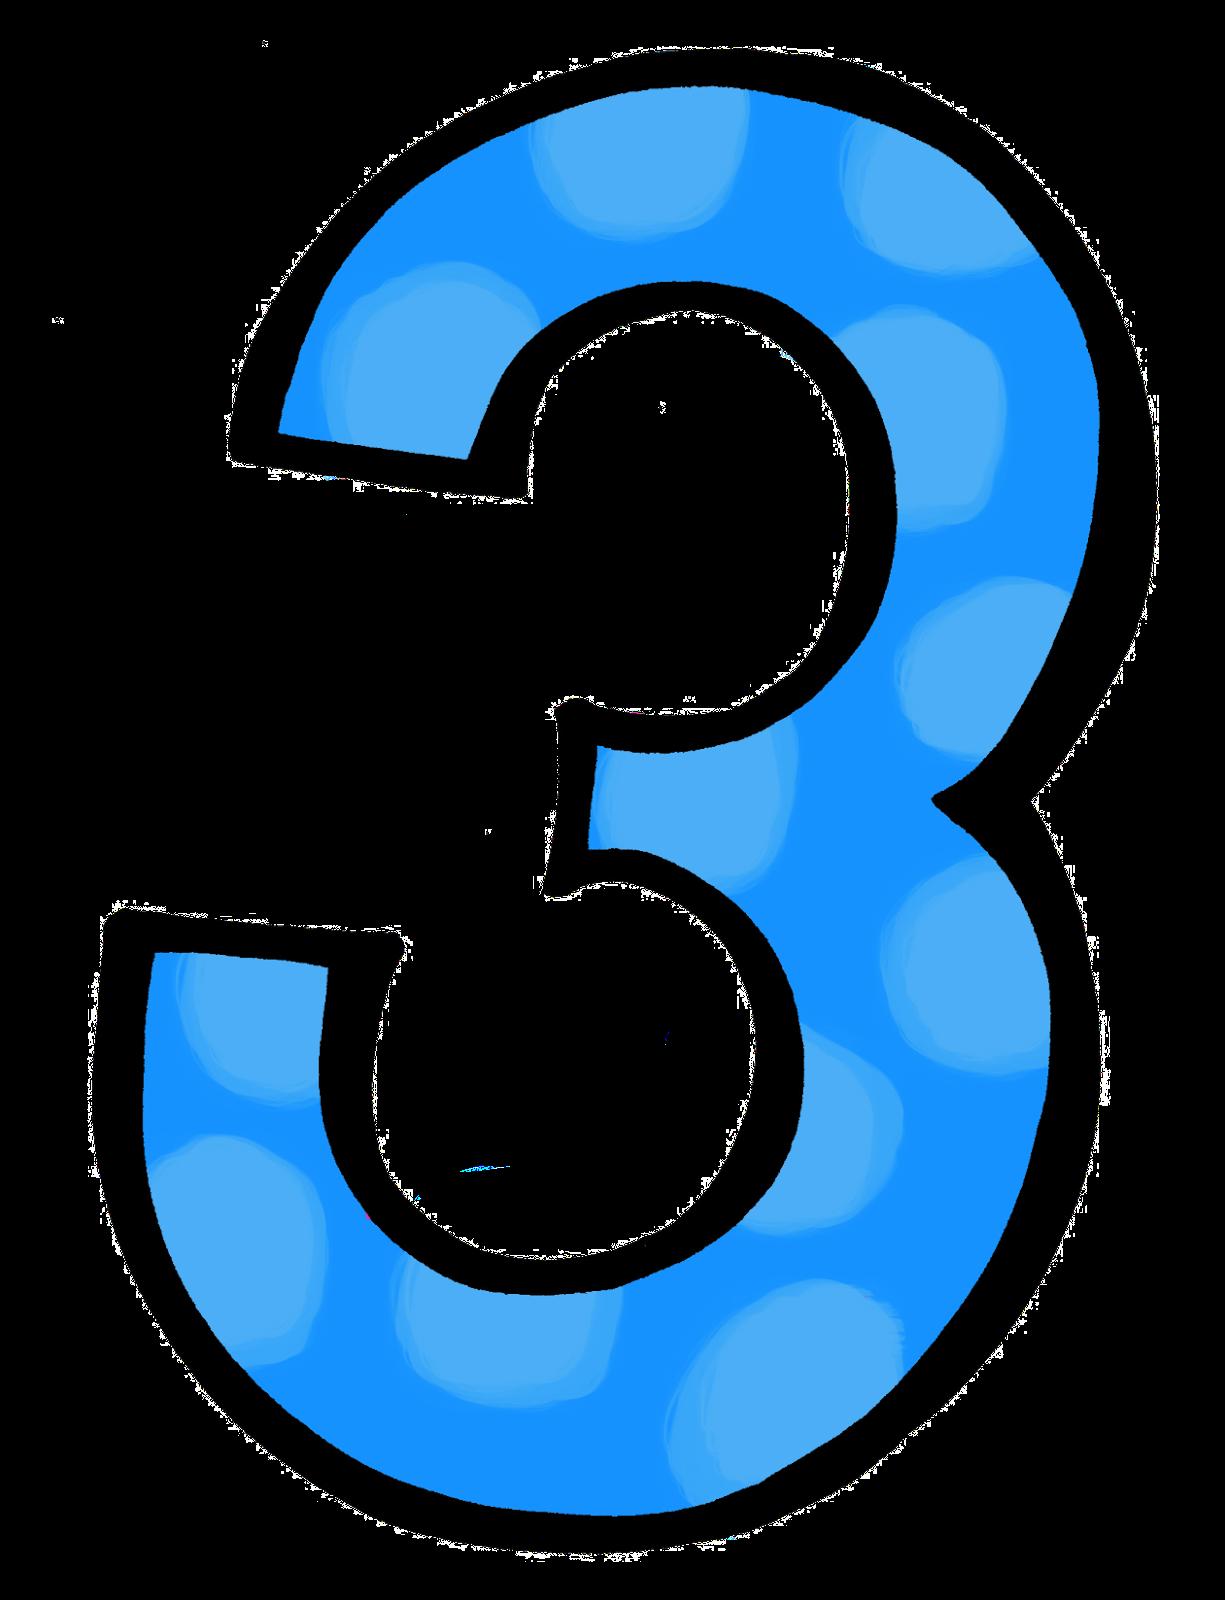 Number 3 clipart polka dot, Number 3 polka dot Transparent.